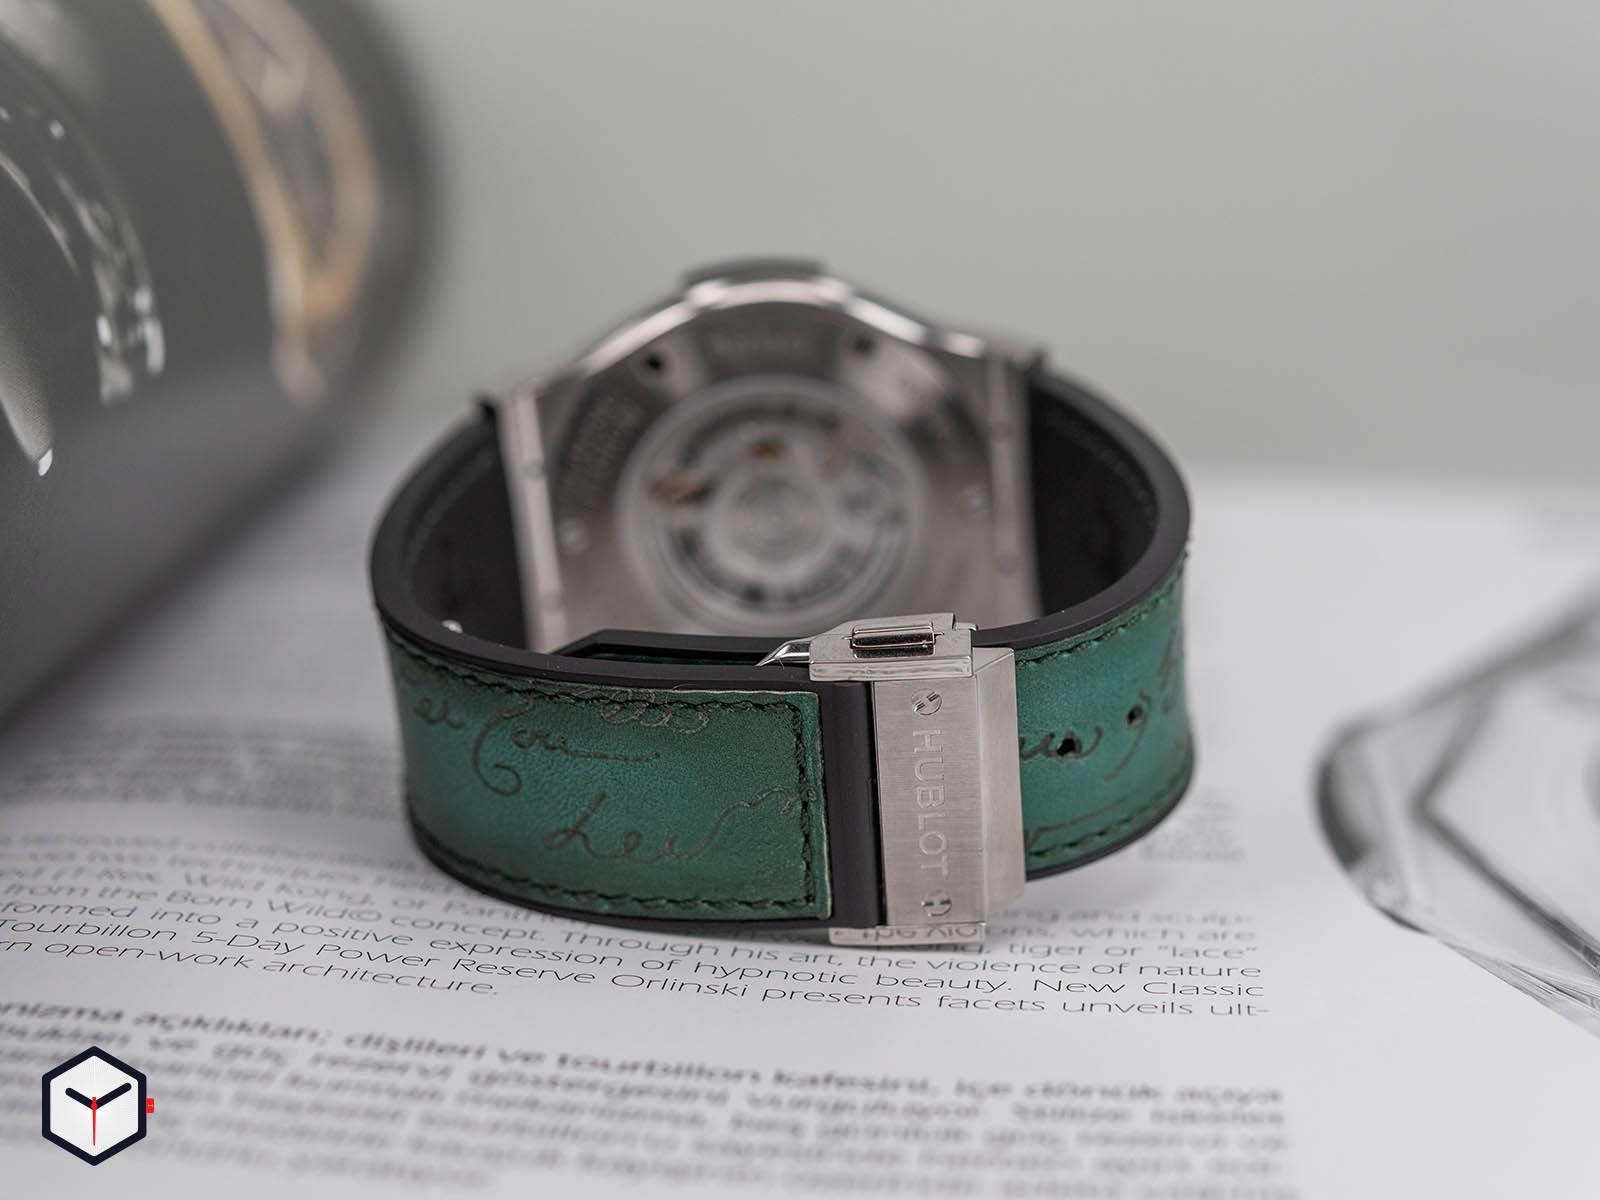 hublot-classic-fusion-berluti-scritto-emerald-green-6.jpg